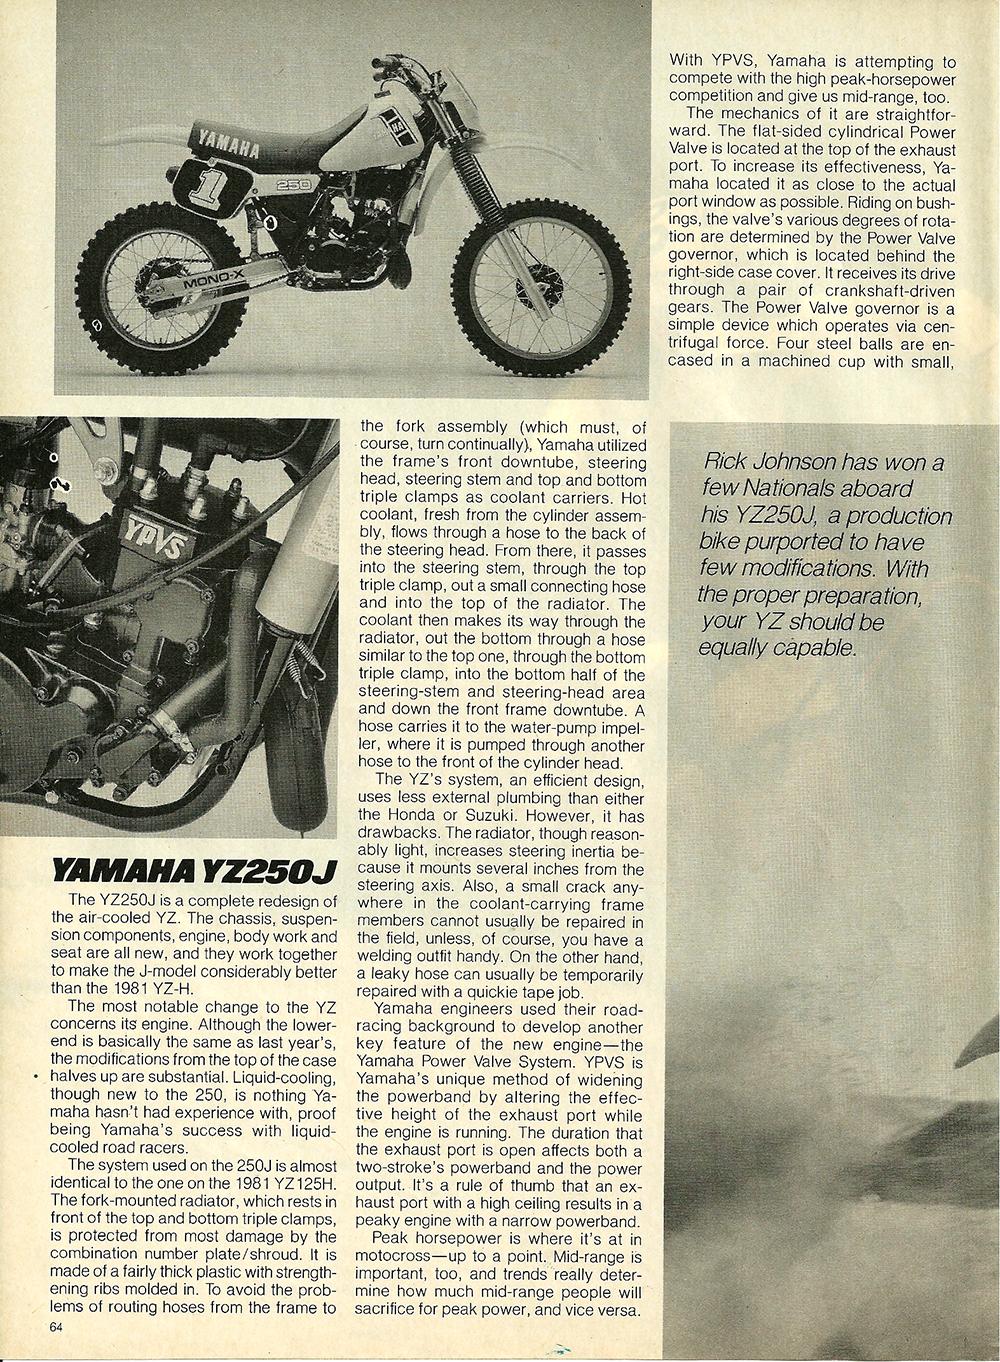 1982 Yamaha YZ250J road test 3.jpg